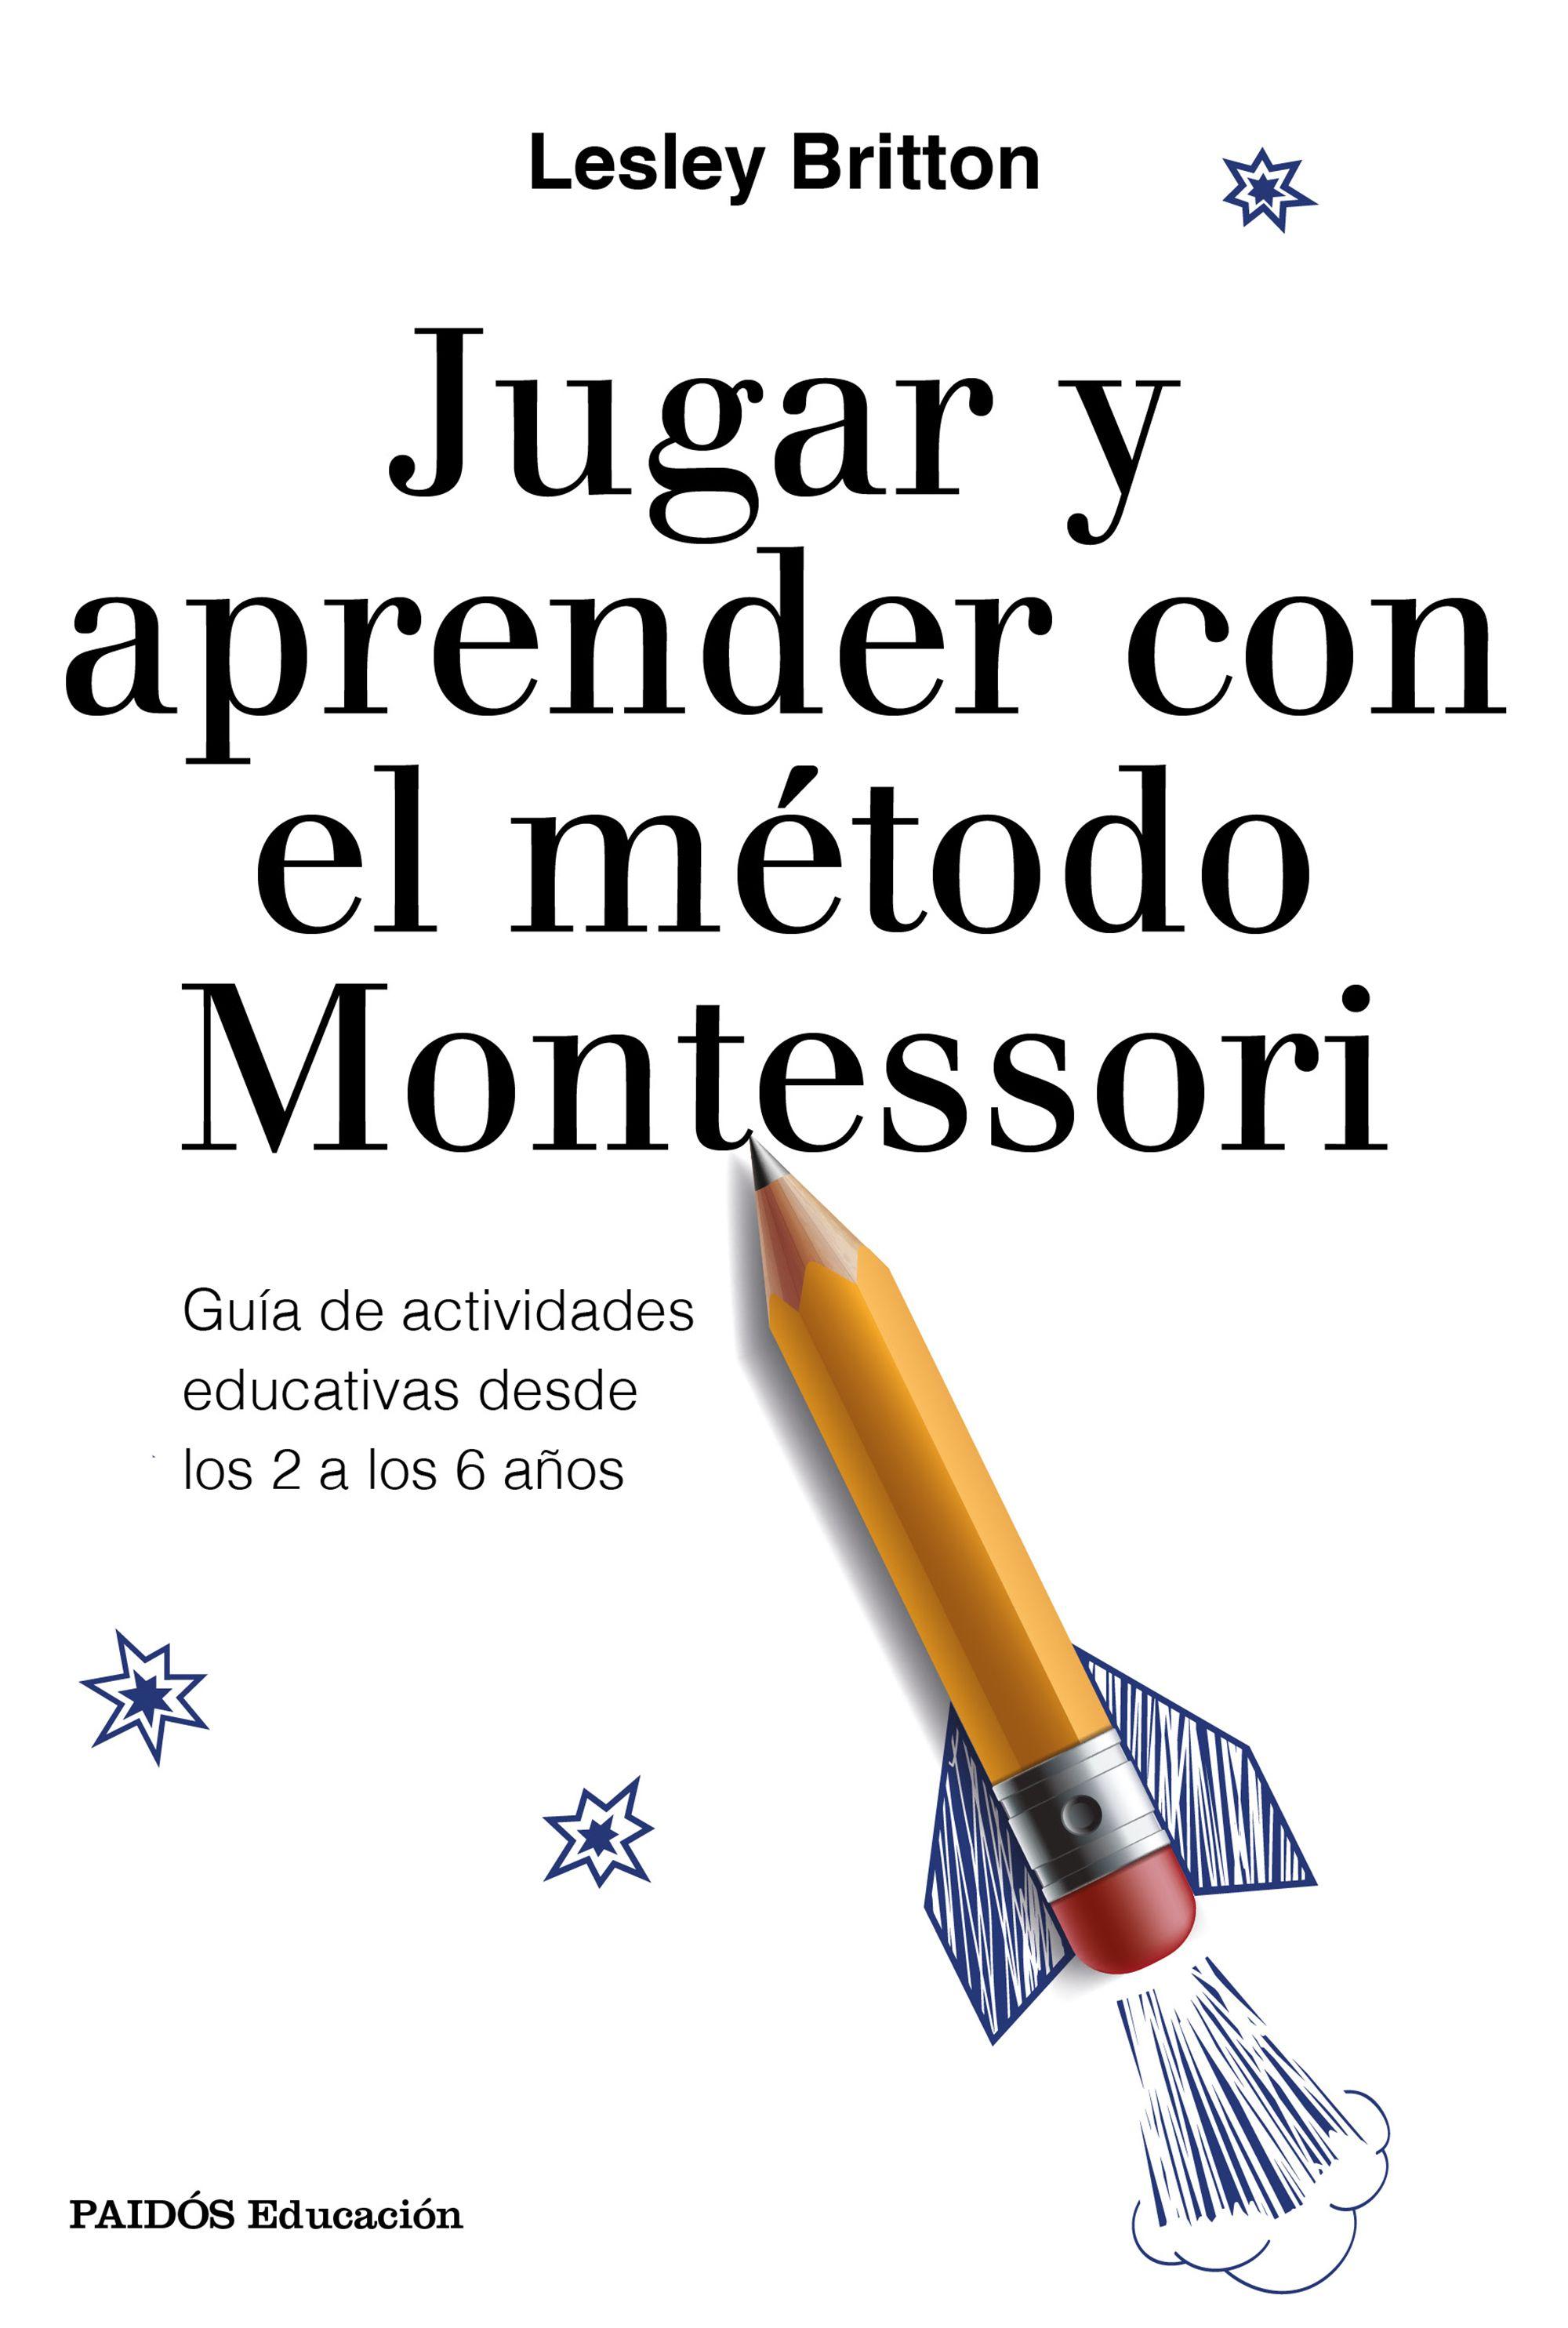 Jugar Y Aprender Con El Metodo Montessori: Guia De Actividades Educativas Desde Los 2 A Los 6 Años por Lesley Britton